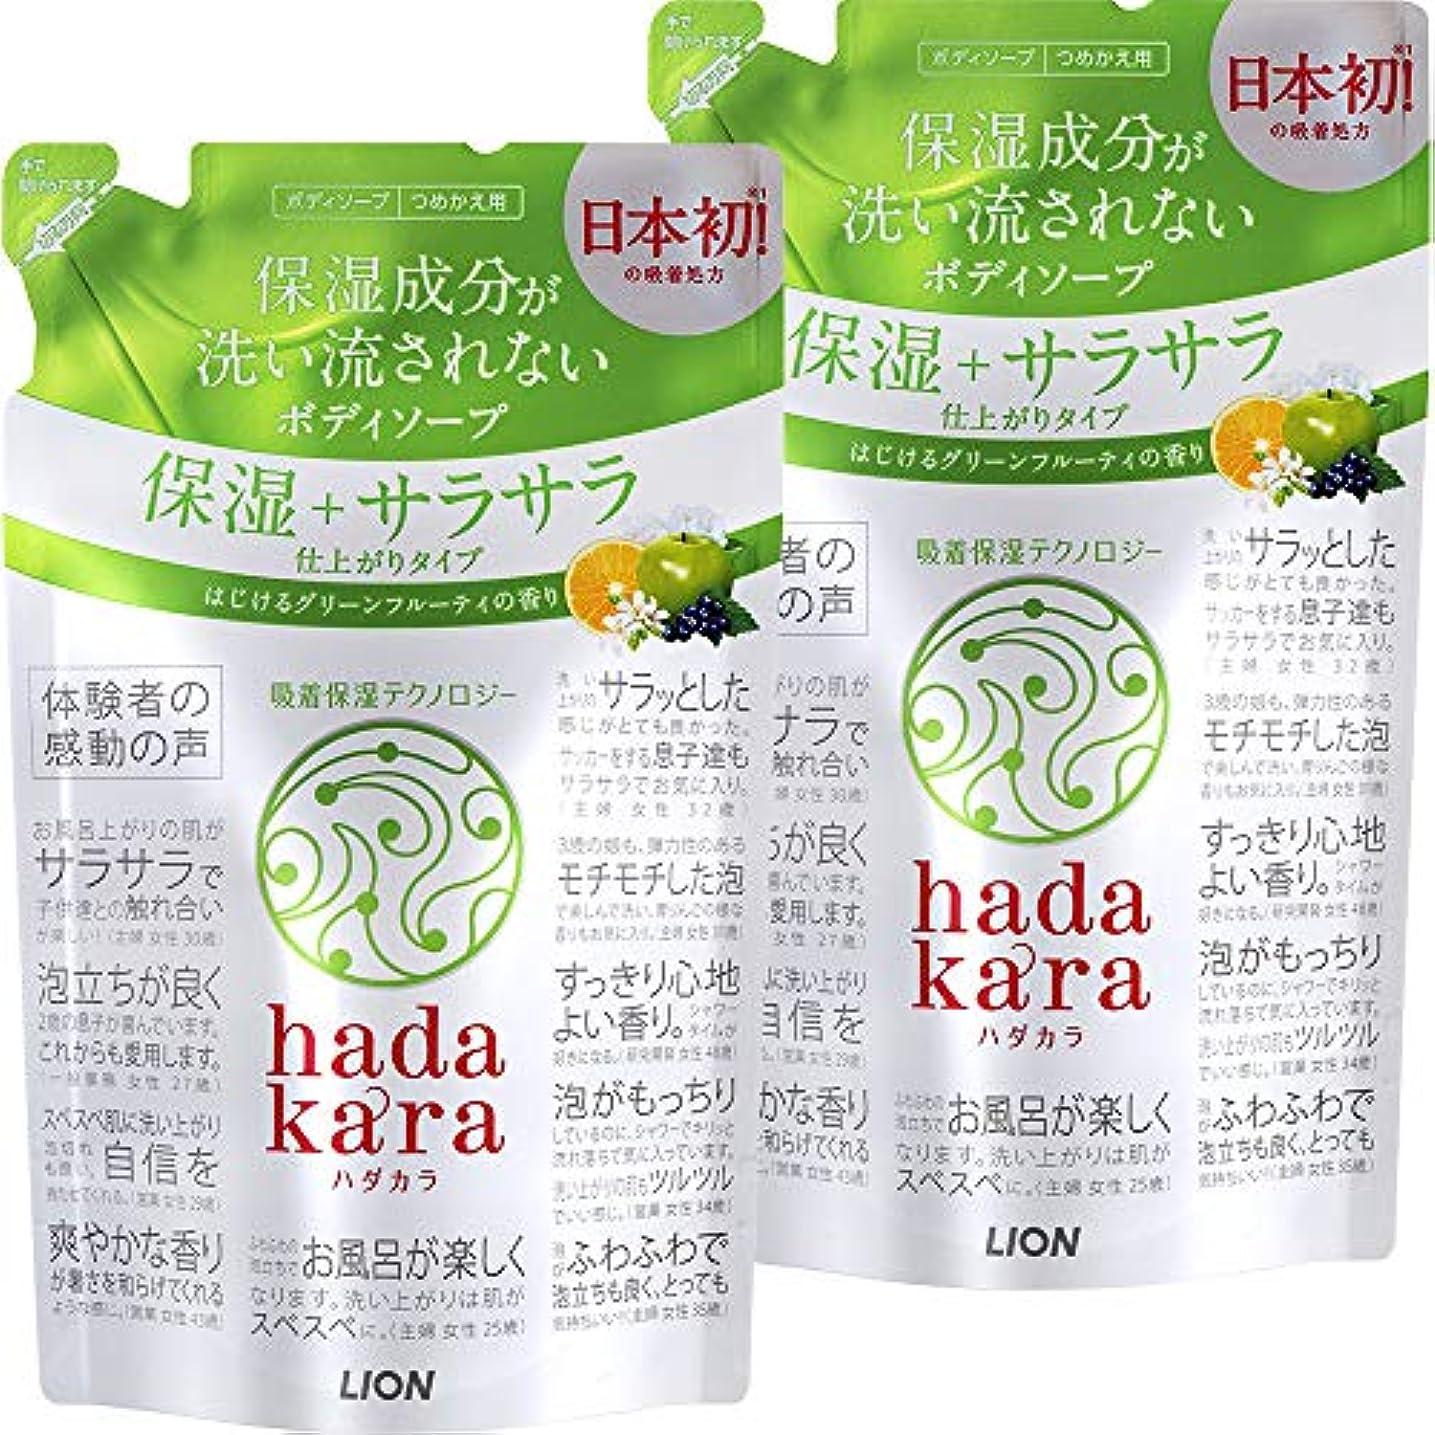 広大な憧れ信頼できる【まとめ買い】hadakara(ハダカラ) ボディソープ 保湿+サラサラ仕上がりタイプ グリーンフルーティの香り 詰め替え 340ml×2個パック